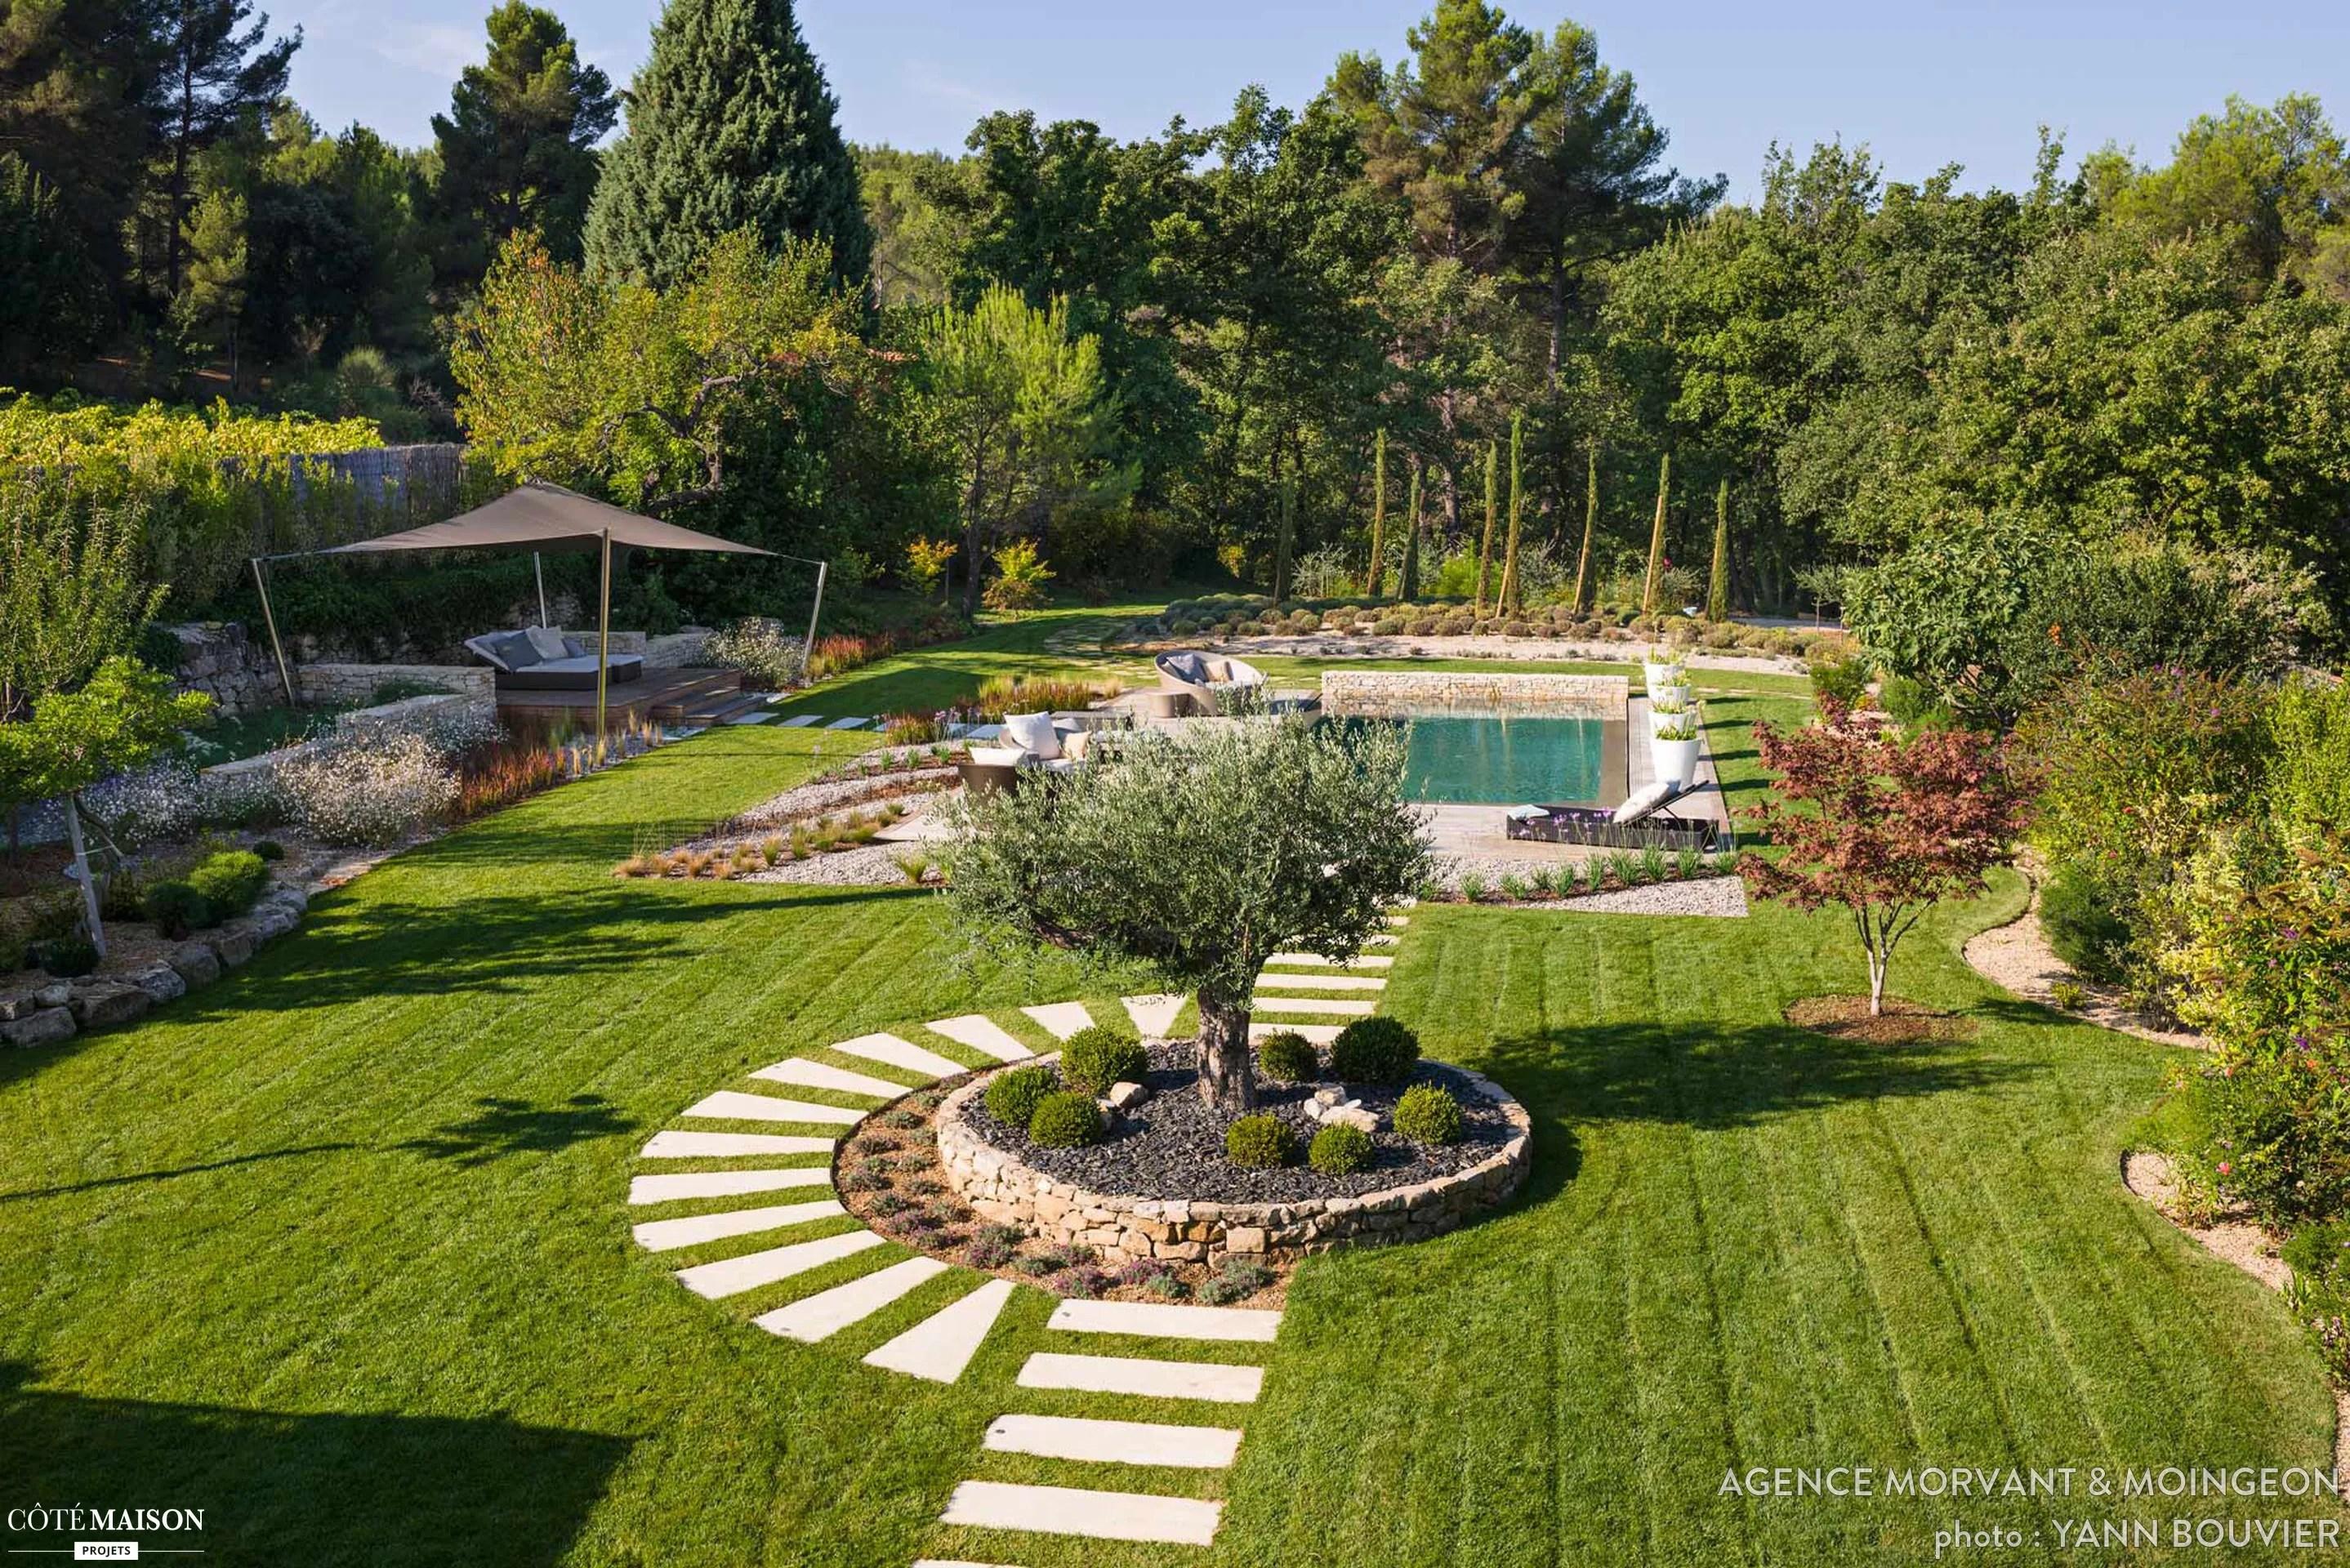 Jardin contemporain en Provence Agence MORVANT  MOINGEON  Ct Maison